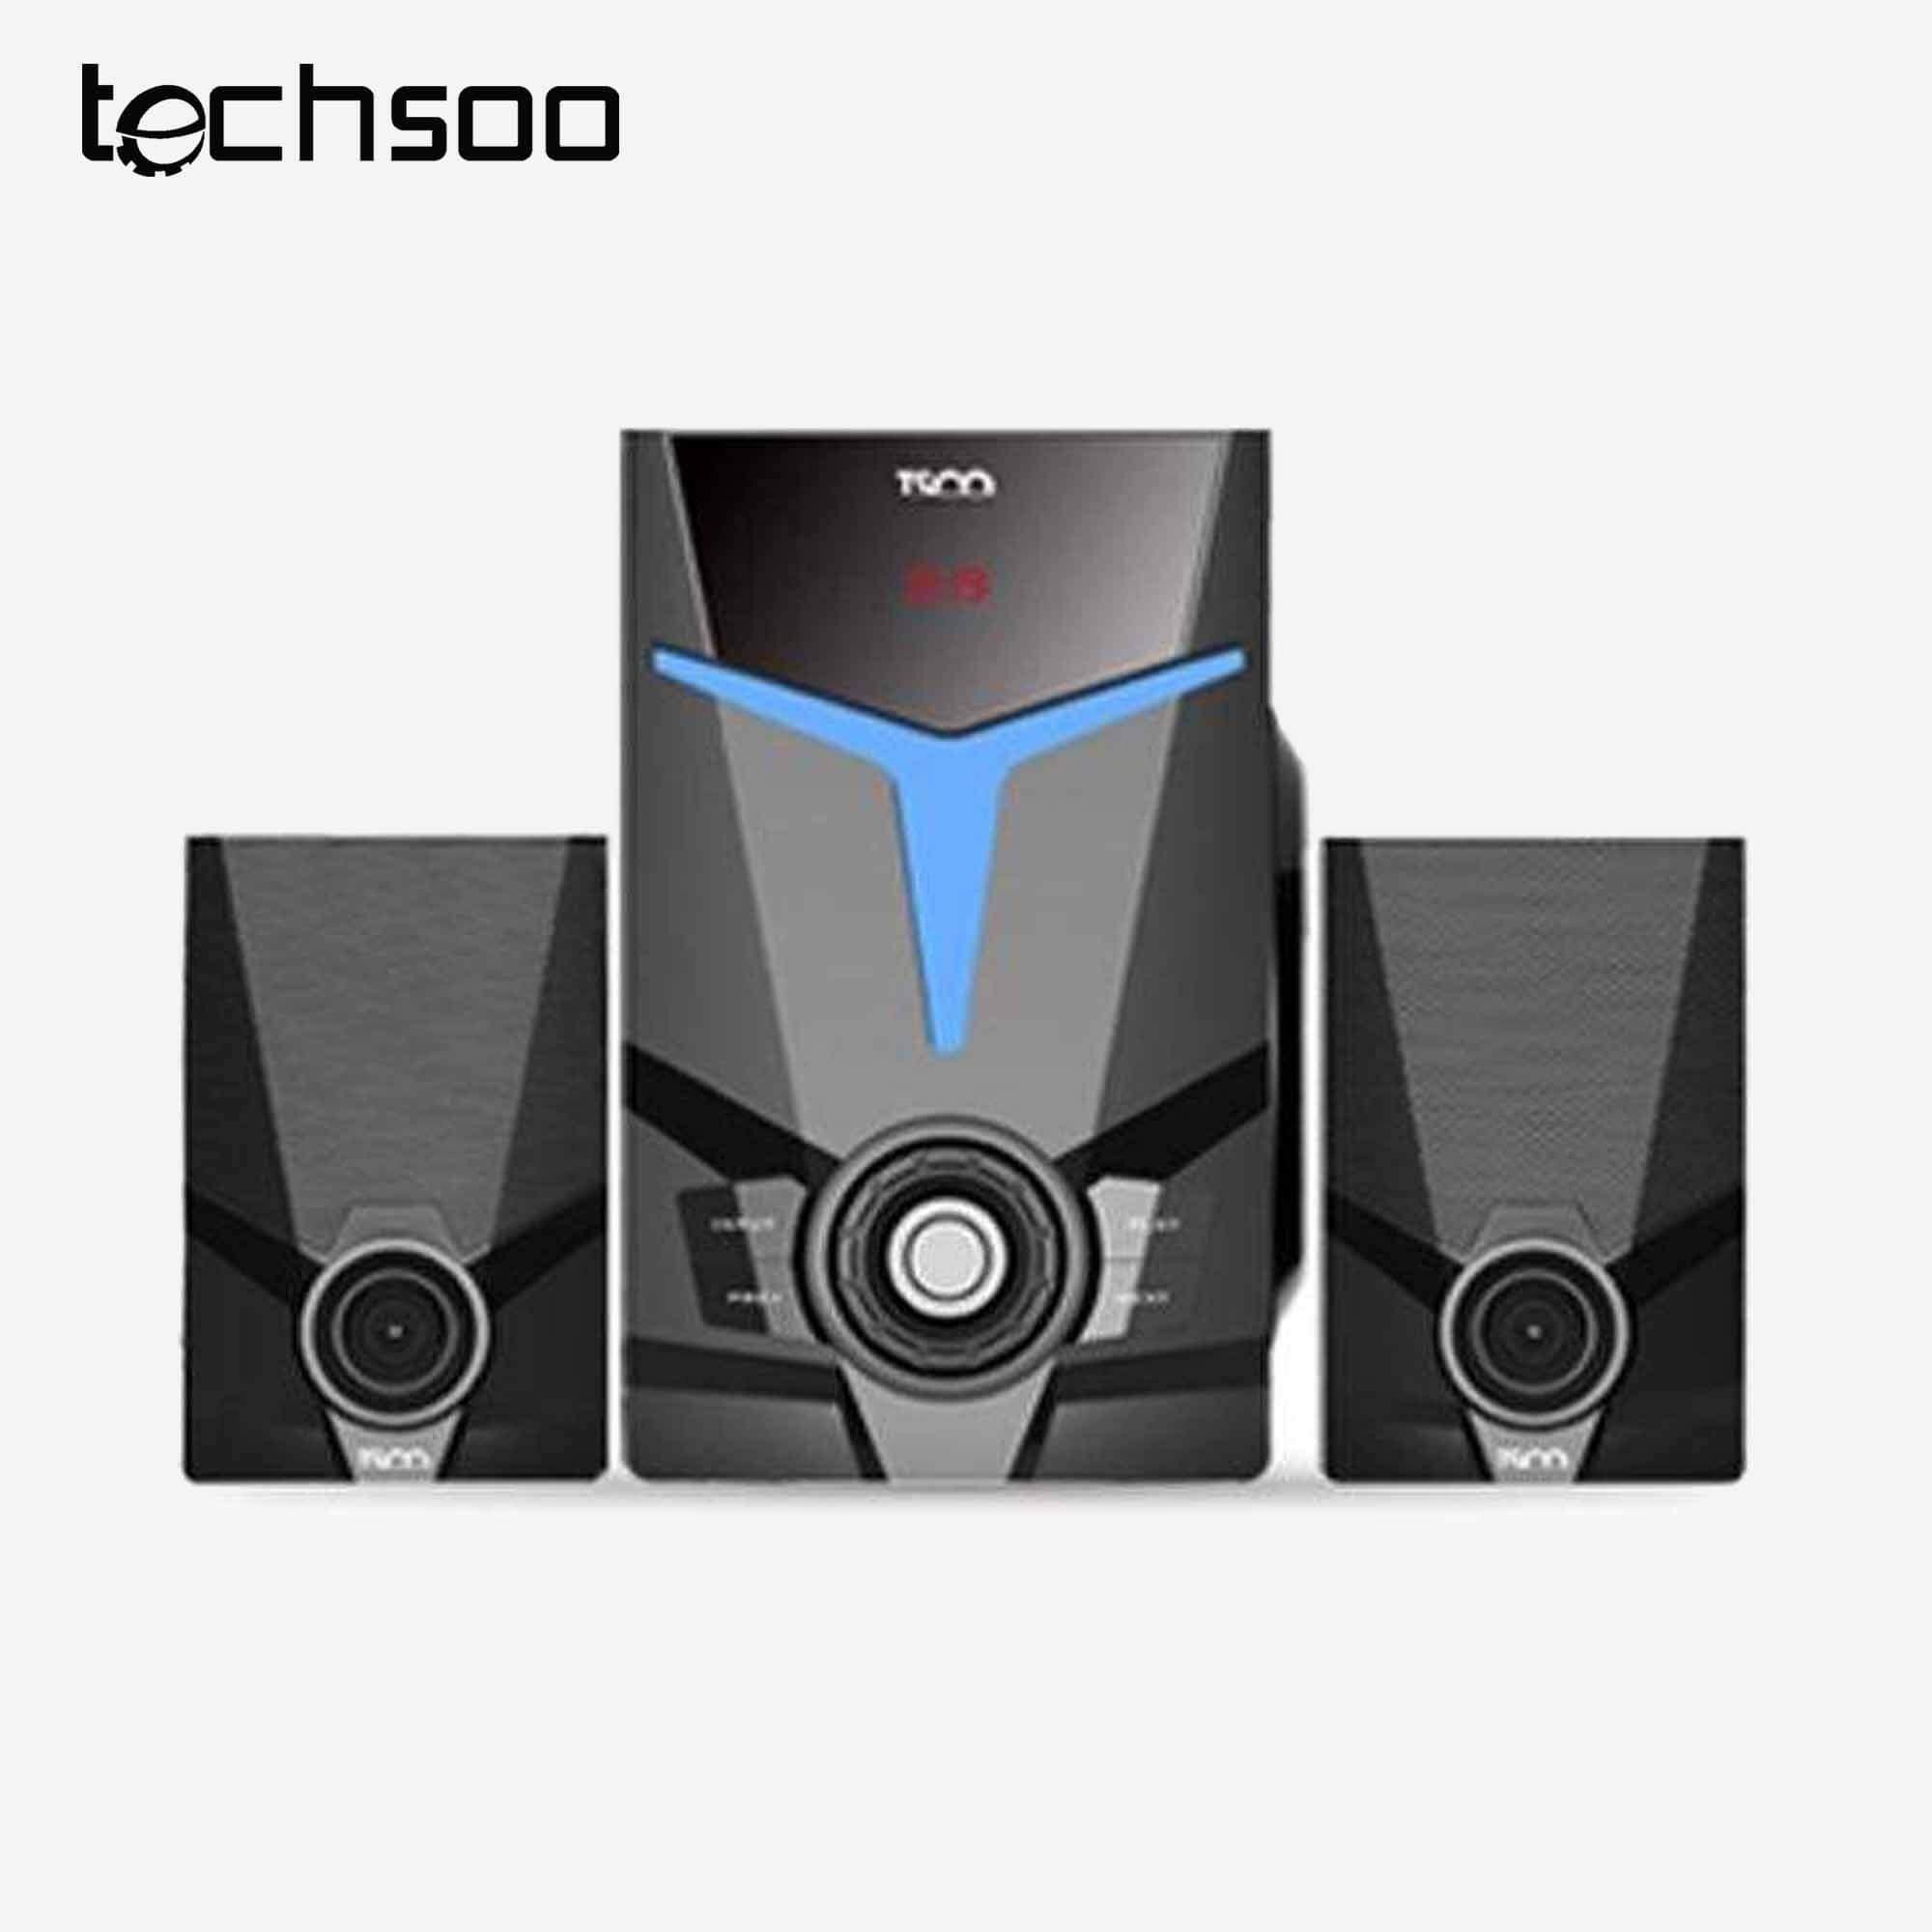 تصویر پخش کننده خانگی تسکو مدل TS 2193 Tsco TS 2193 Home Media Player